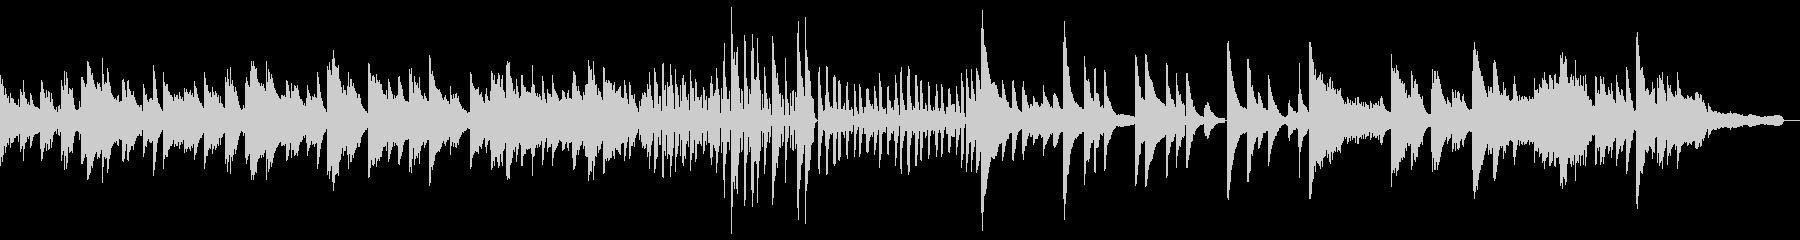 しっとりとした雰囲気のシンプルなピアノ曲の未再生の波形